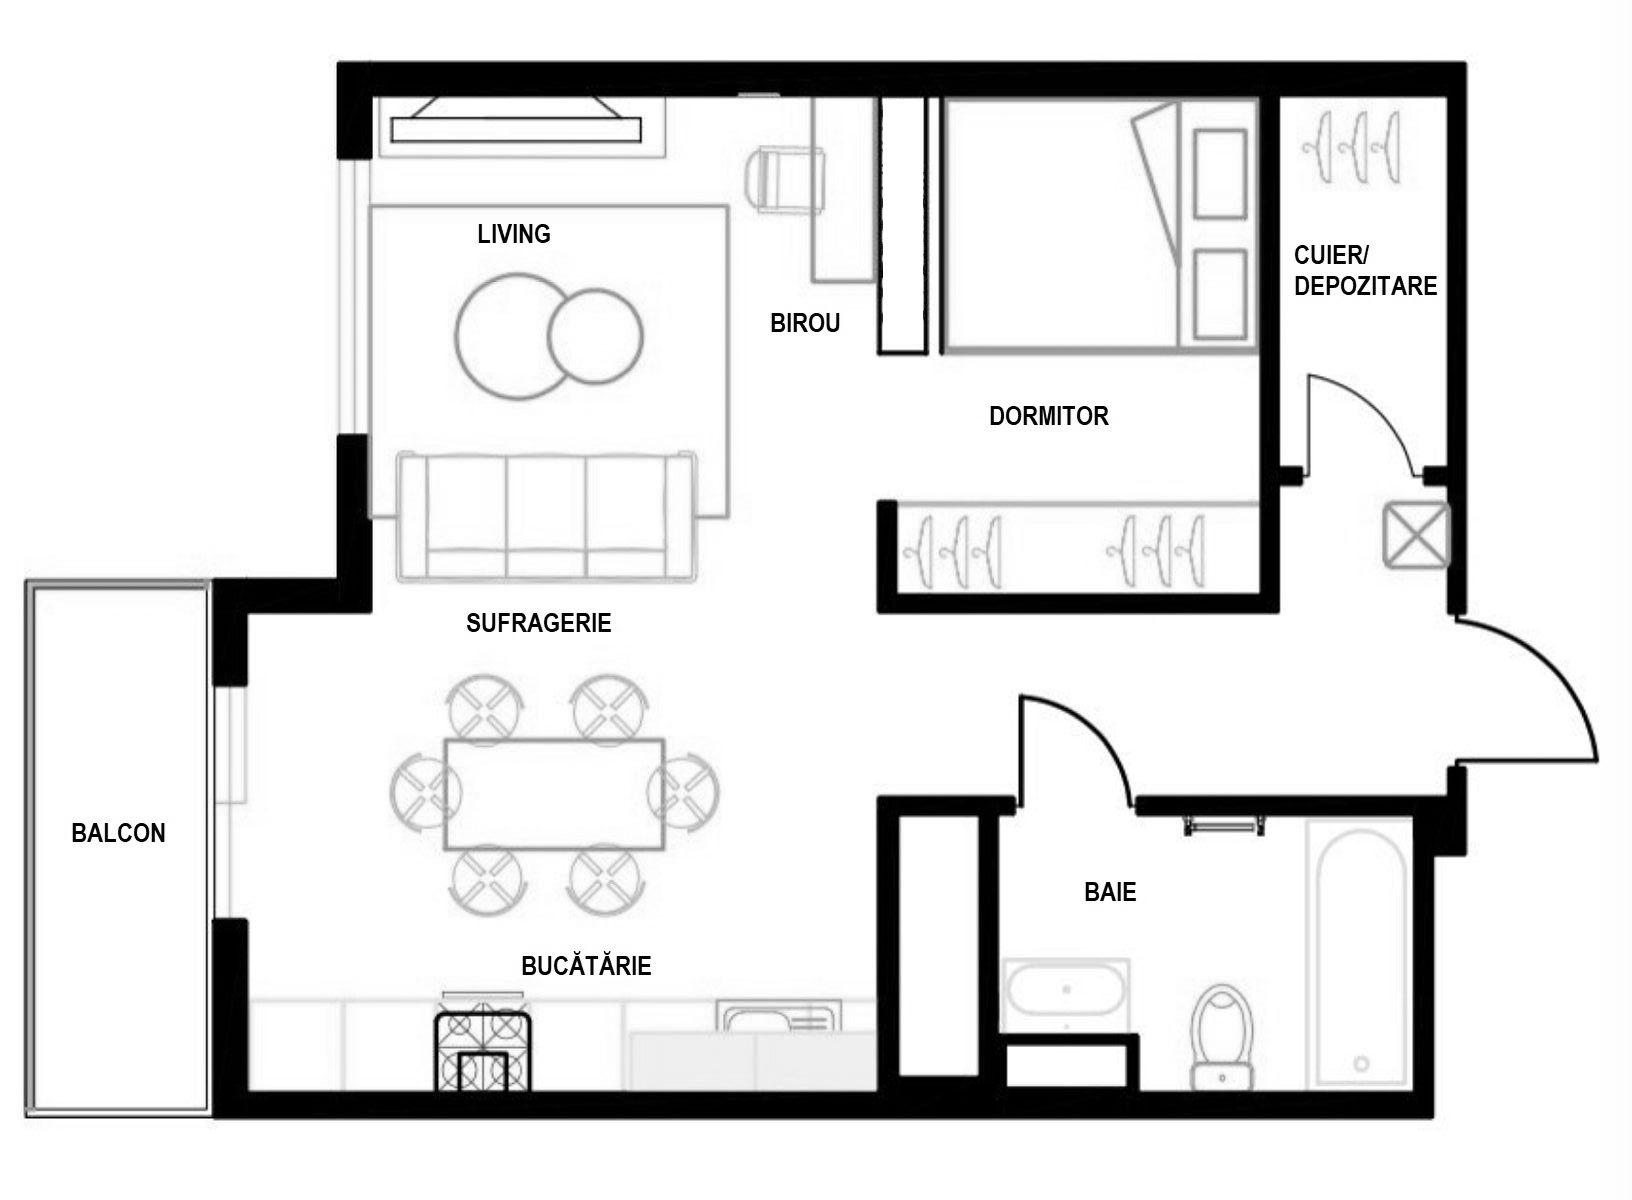 Inițial garsoniera avea bucătăria separată față de cameră, ambele funcțiuni având uși interioare care se deschideau din hol. Designerii au regândit compartimentarea, după expertiza tehnică, și au deschis bucătăria către living, iar în camera garsonierei au acomodat un loc de pat și un spațiu generos pentru un dulap încastrat. De asemenea, în zona de hol au prevăzut un spațiu închis pentru pantofi și cu rol de cuier, astfel ca aspectul locuinței să fie cât mai ordonat și cu cât mai pușine obiecte vestimentare la vedere.